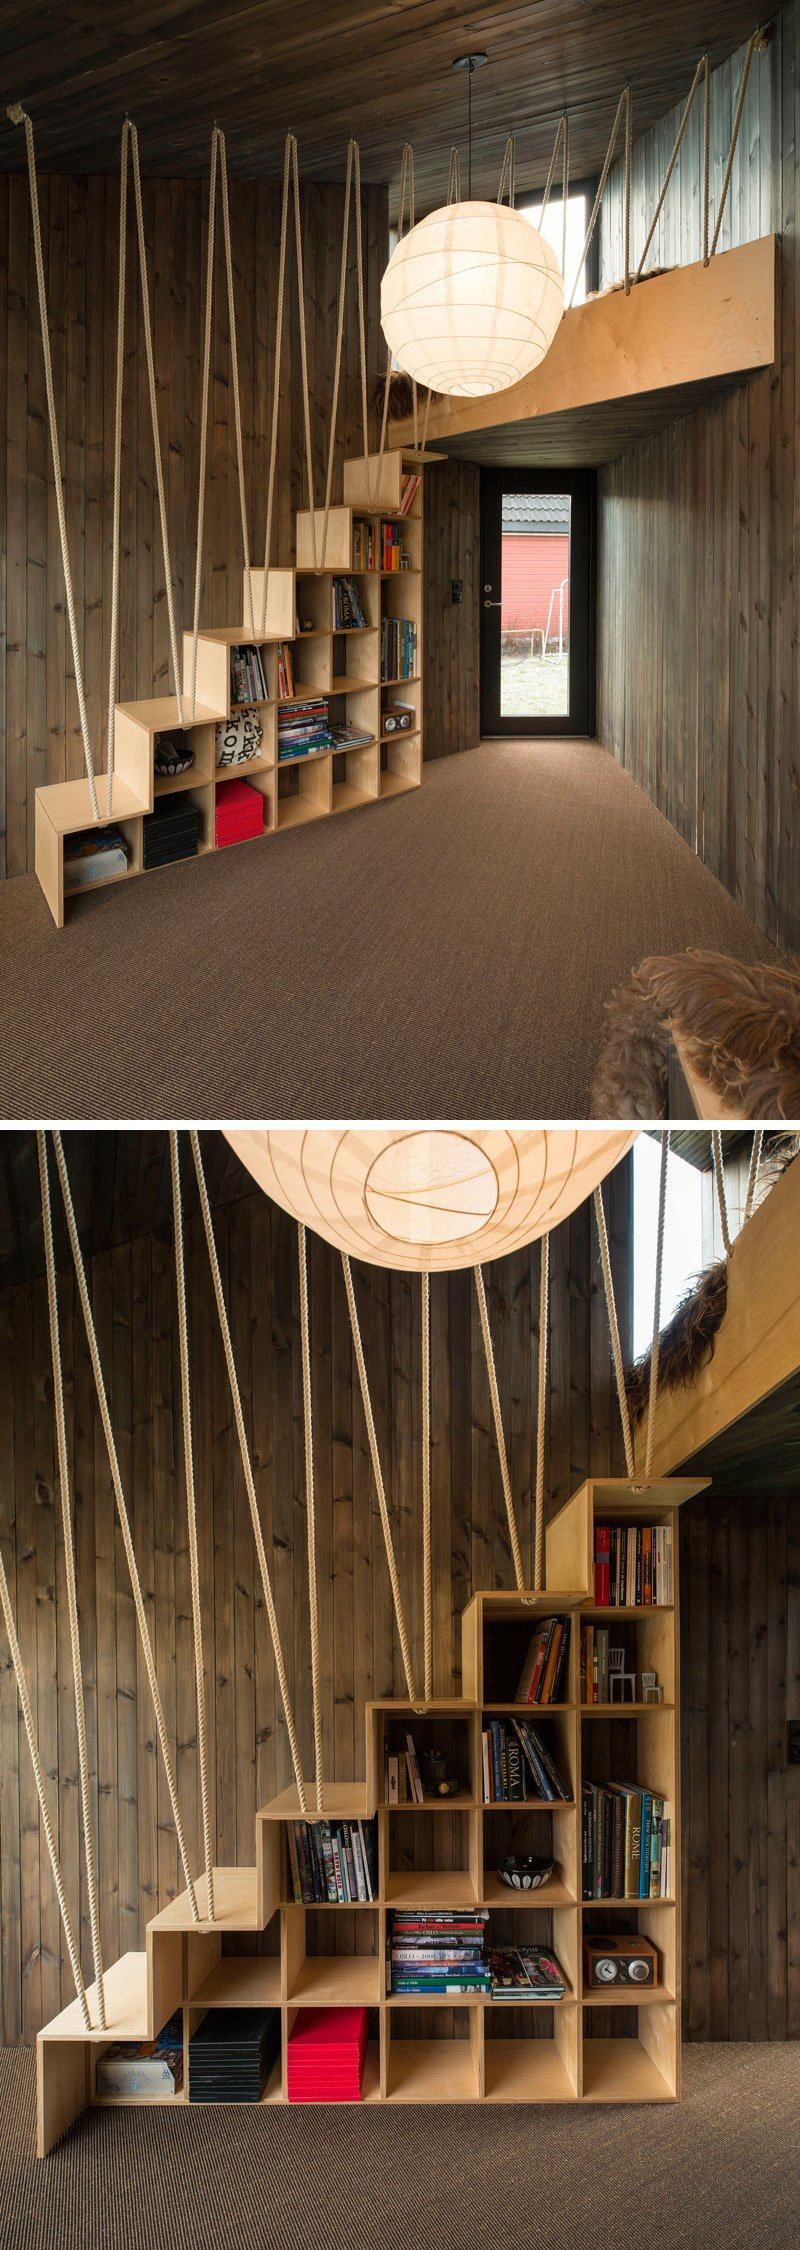 ý tưởng thiết kế lan can cầu thang bằng dây thừng đầy sáng tạo